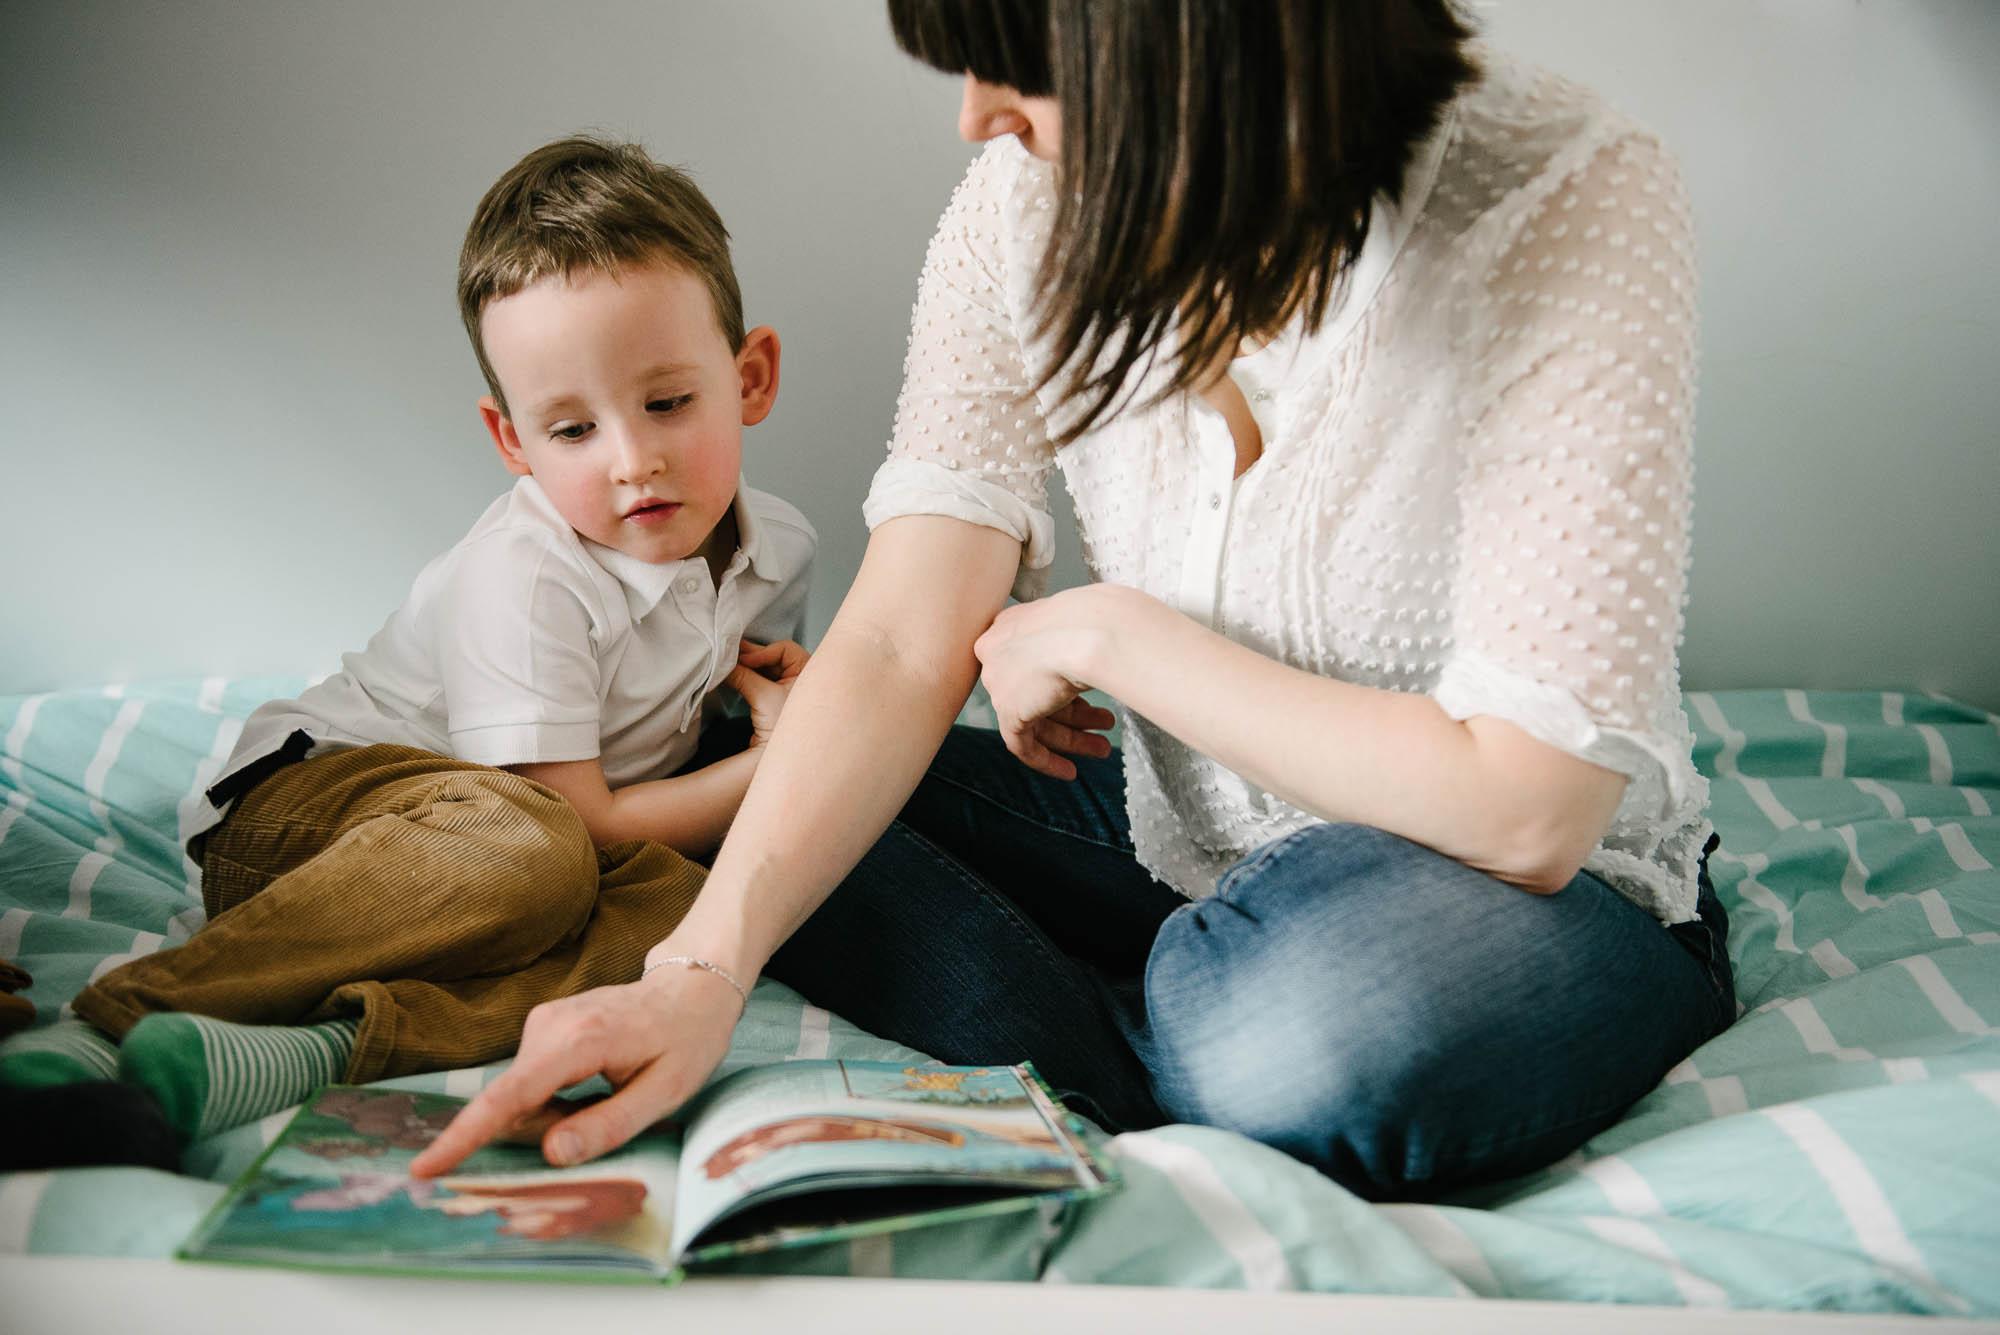 fotoshoot met kinderen familiefotograaf